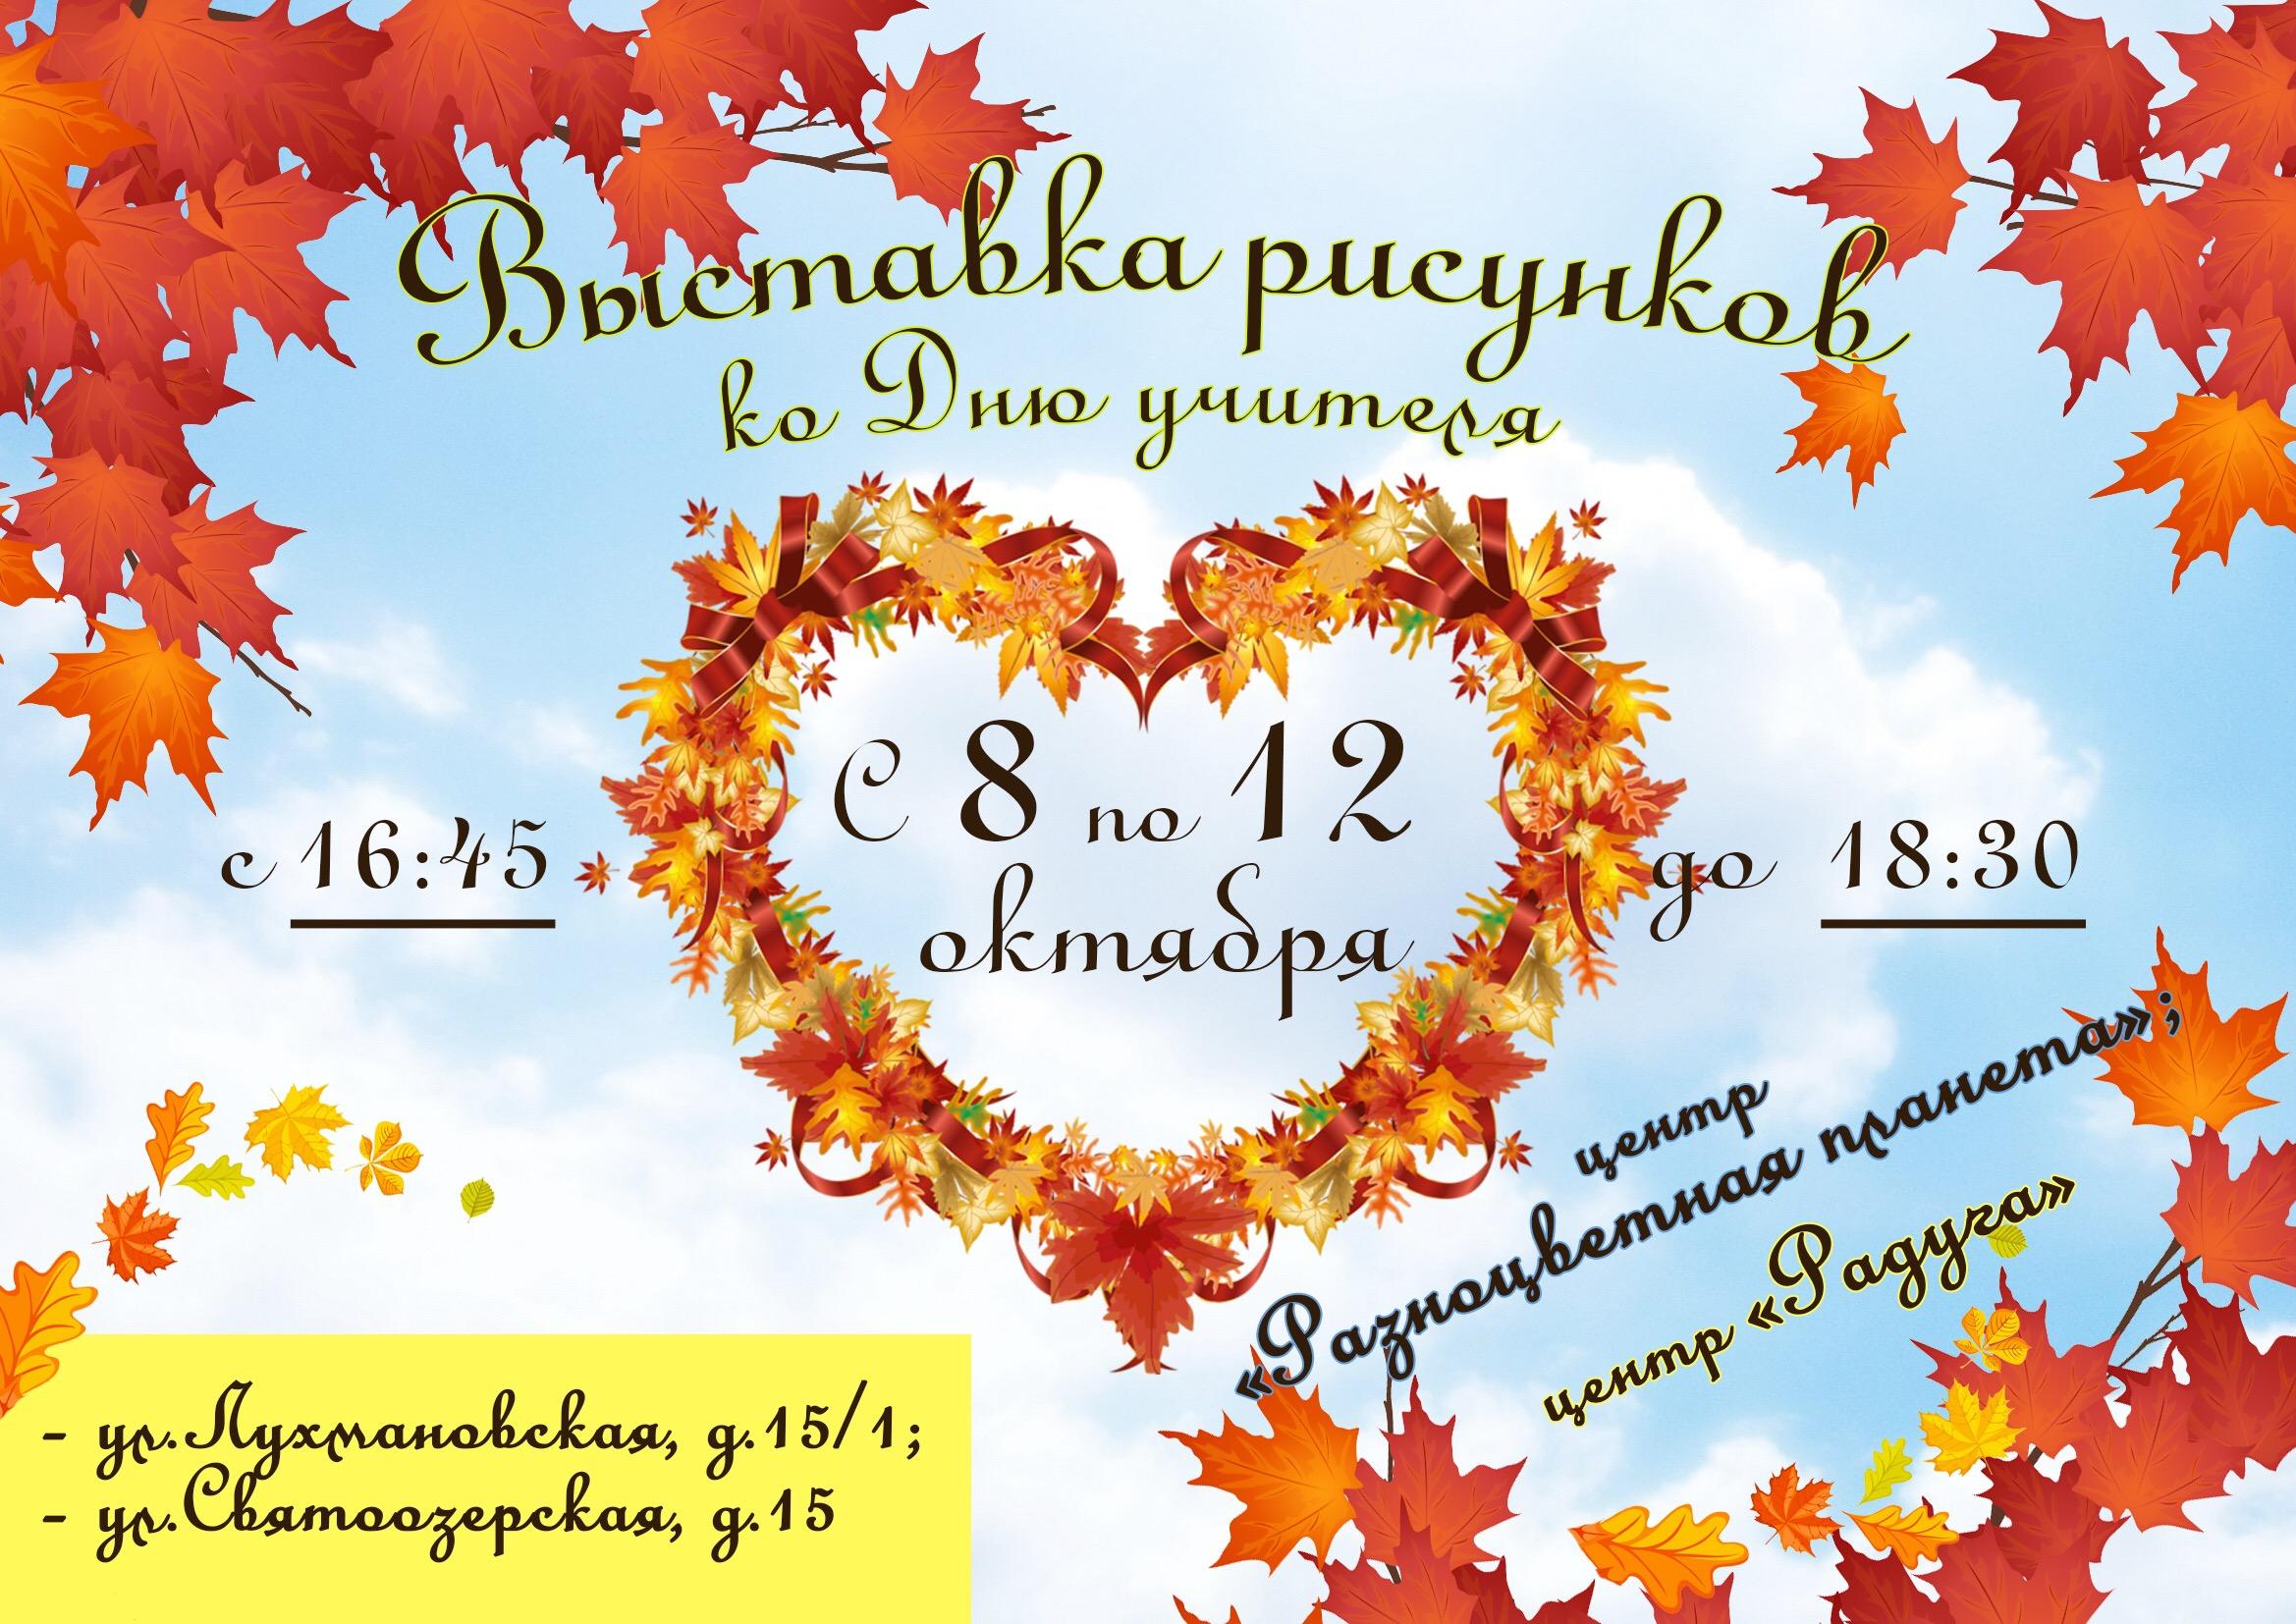 526FA5CB-F138-4568-B6B8-88D610405D40